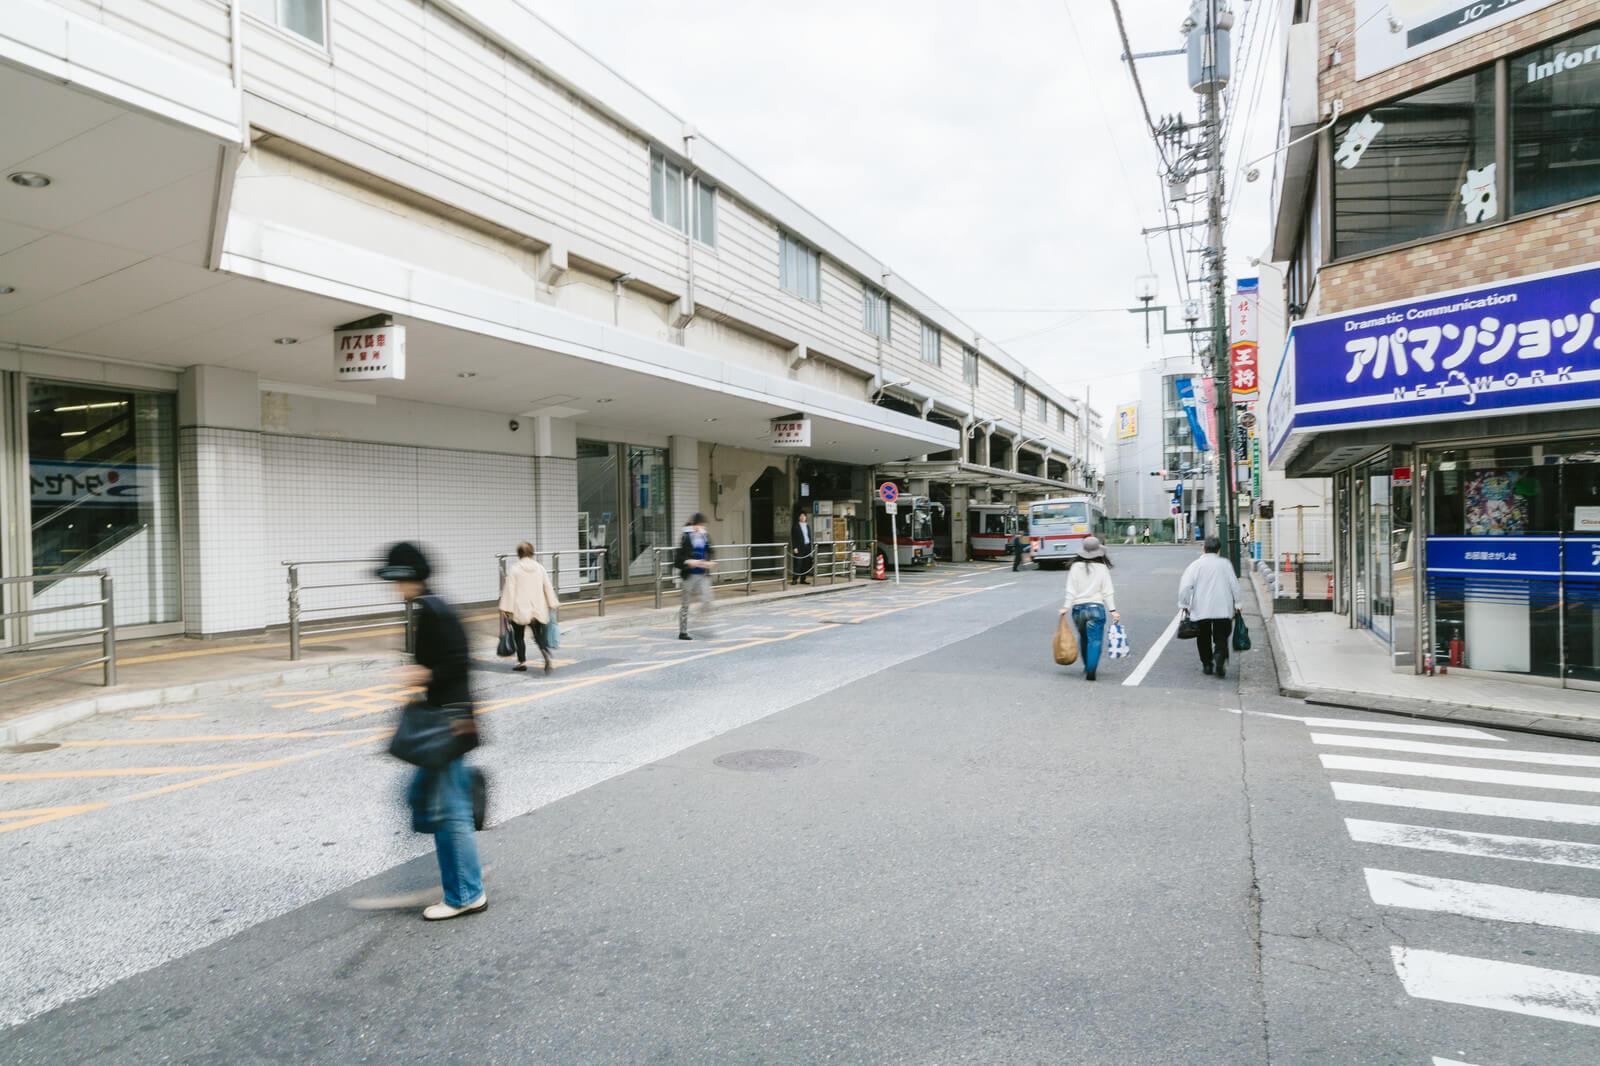 成田空港行きのバス乗り場への道のり